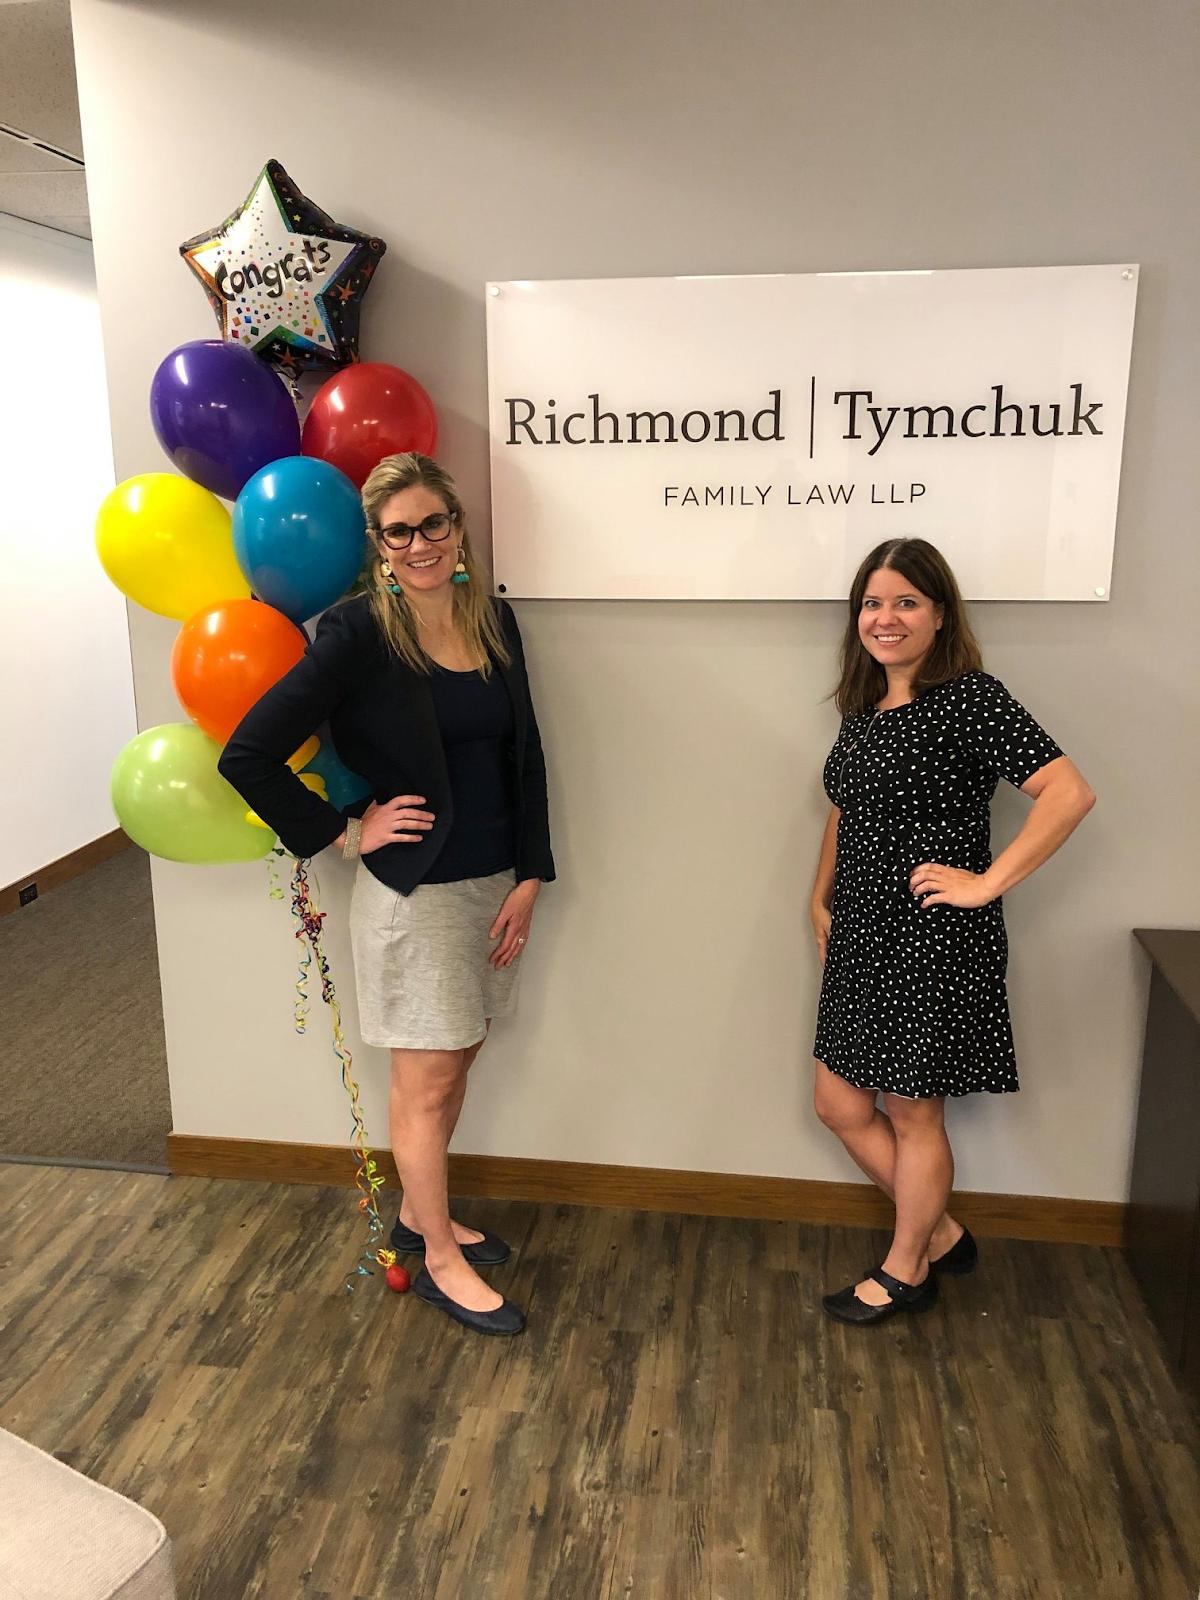 Richmond and Tymchuk image